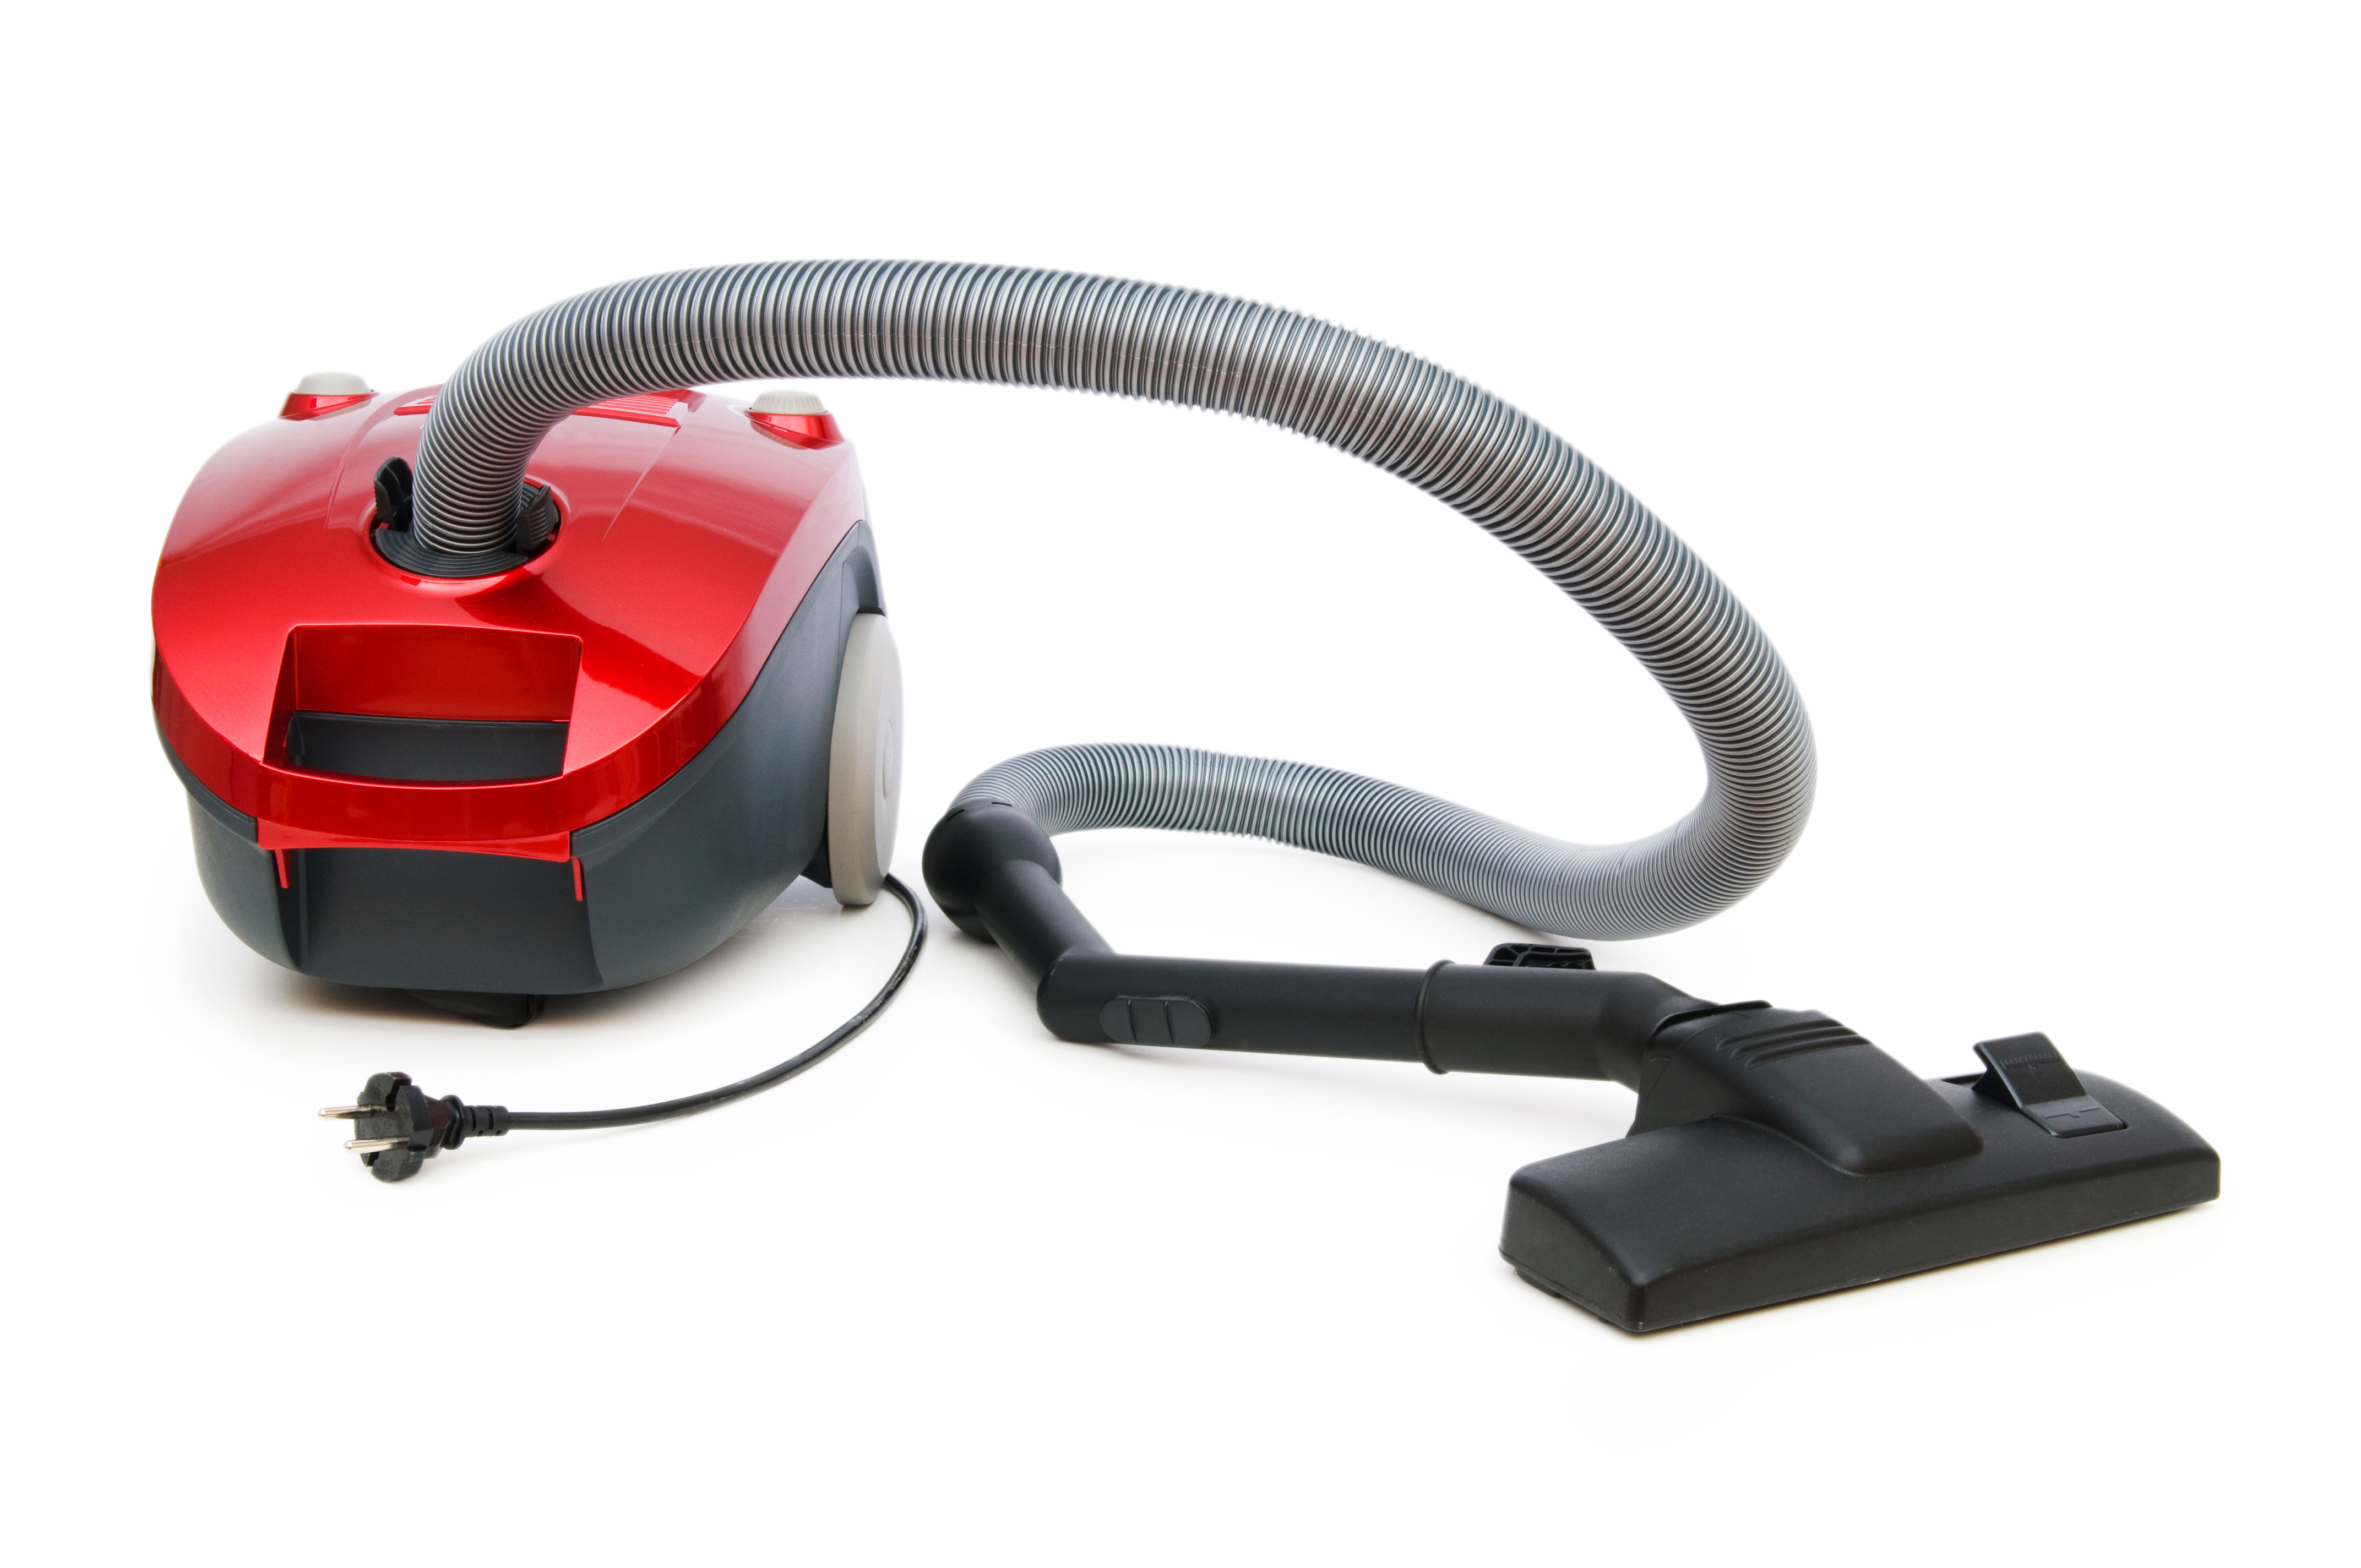 Противоаллергические пылесосы, или какое оборудование выбрать, чтобы аллергик мог чувствовать себя в безопасности